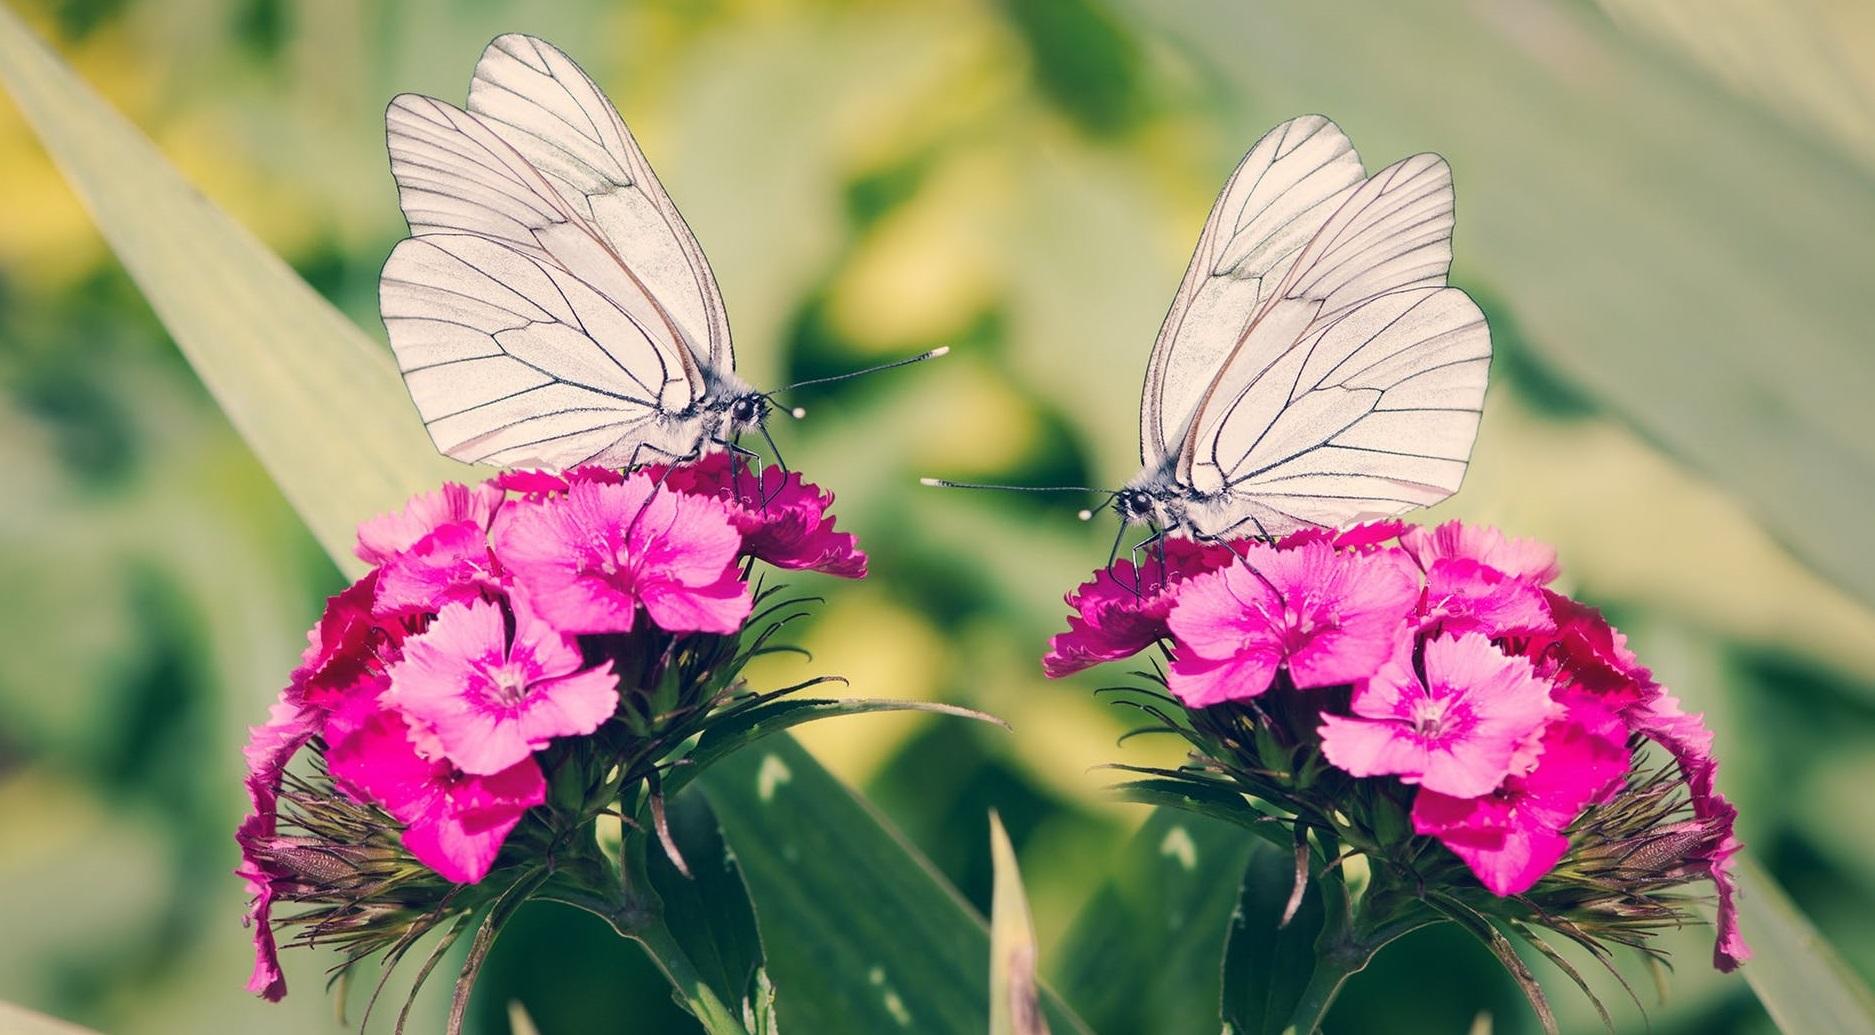 Vì sao Lương – Chúc sau khi chết lại hóa thành bướm, chứ không phải con vật khác?